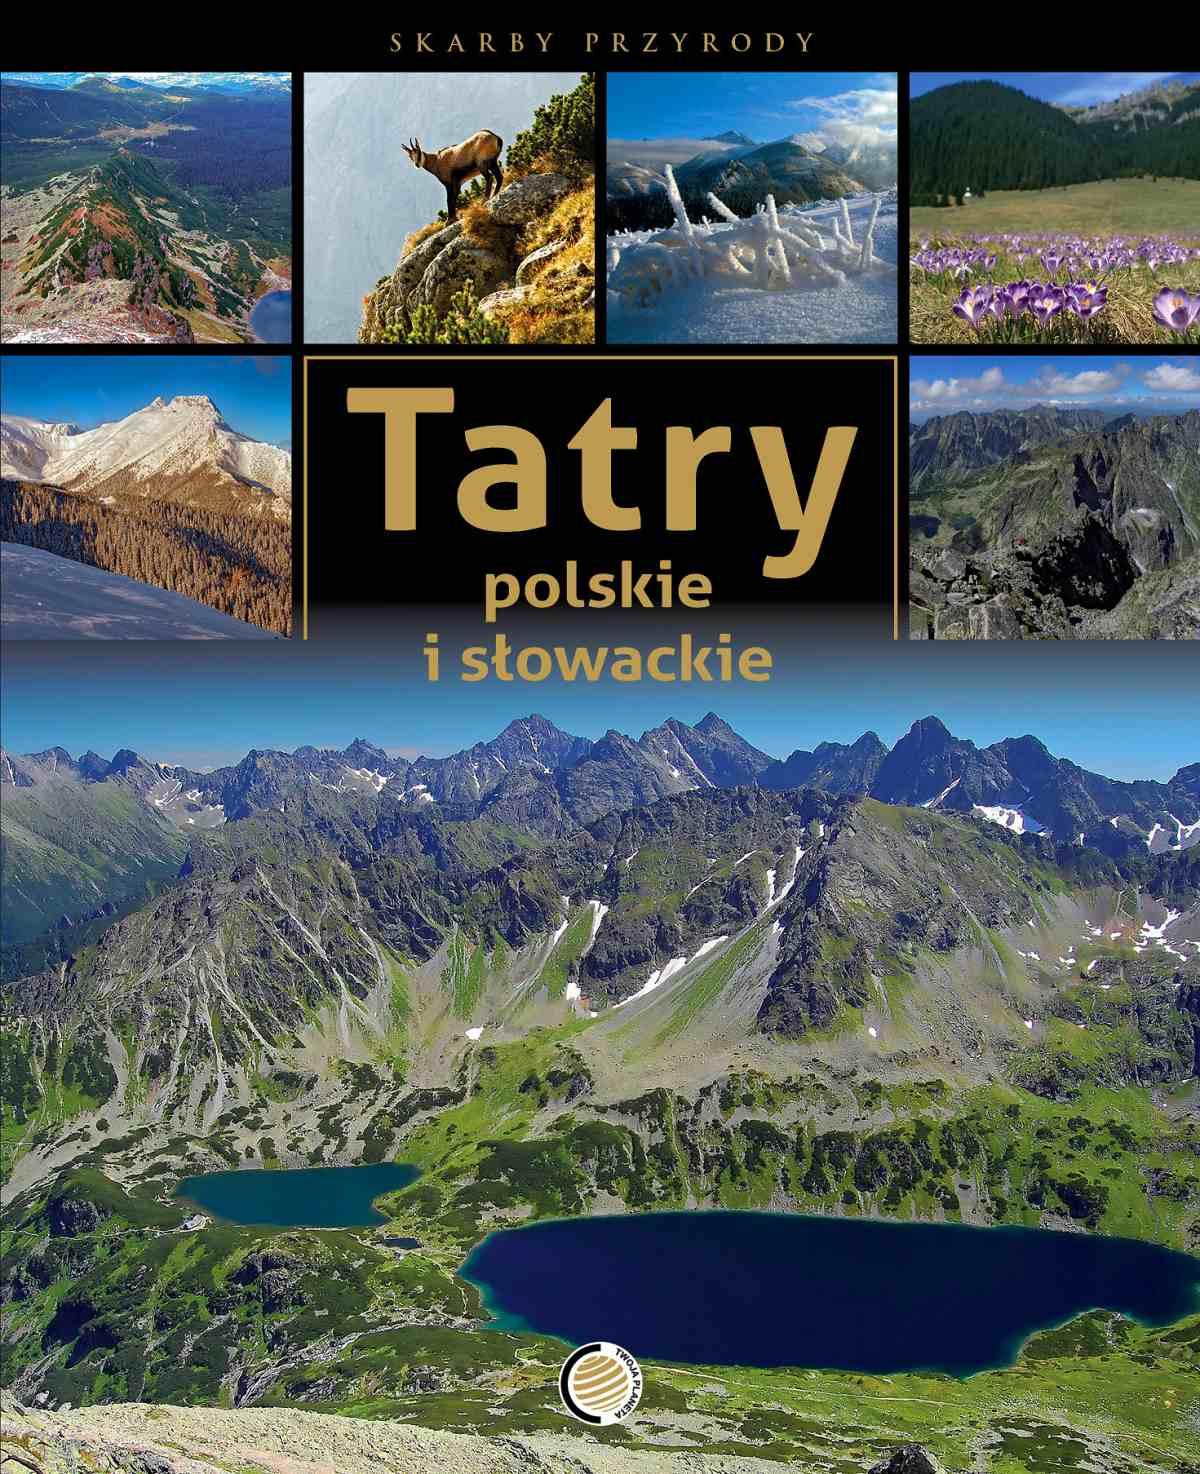 Tatry polskie i słowackie - Ebook (Książka PDF) do pobrania w formacie PDF